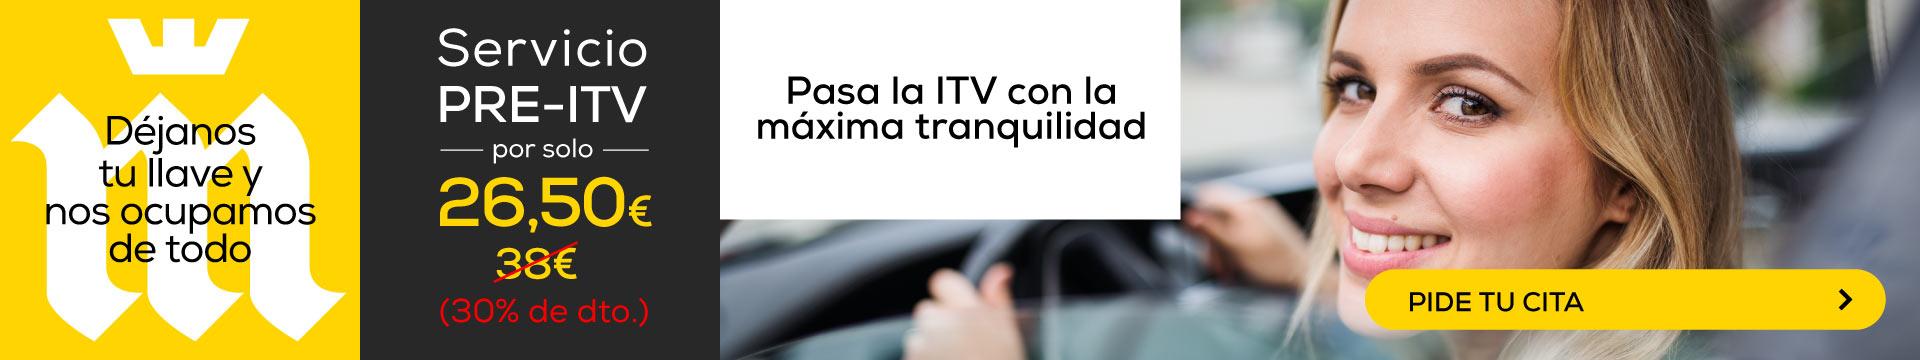 PASA TU ITV SIN PROBLEMAS...CON LA PRE-ITV DE MIDAS